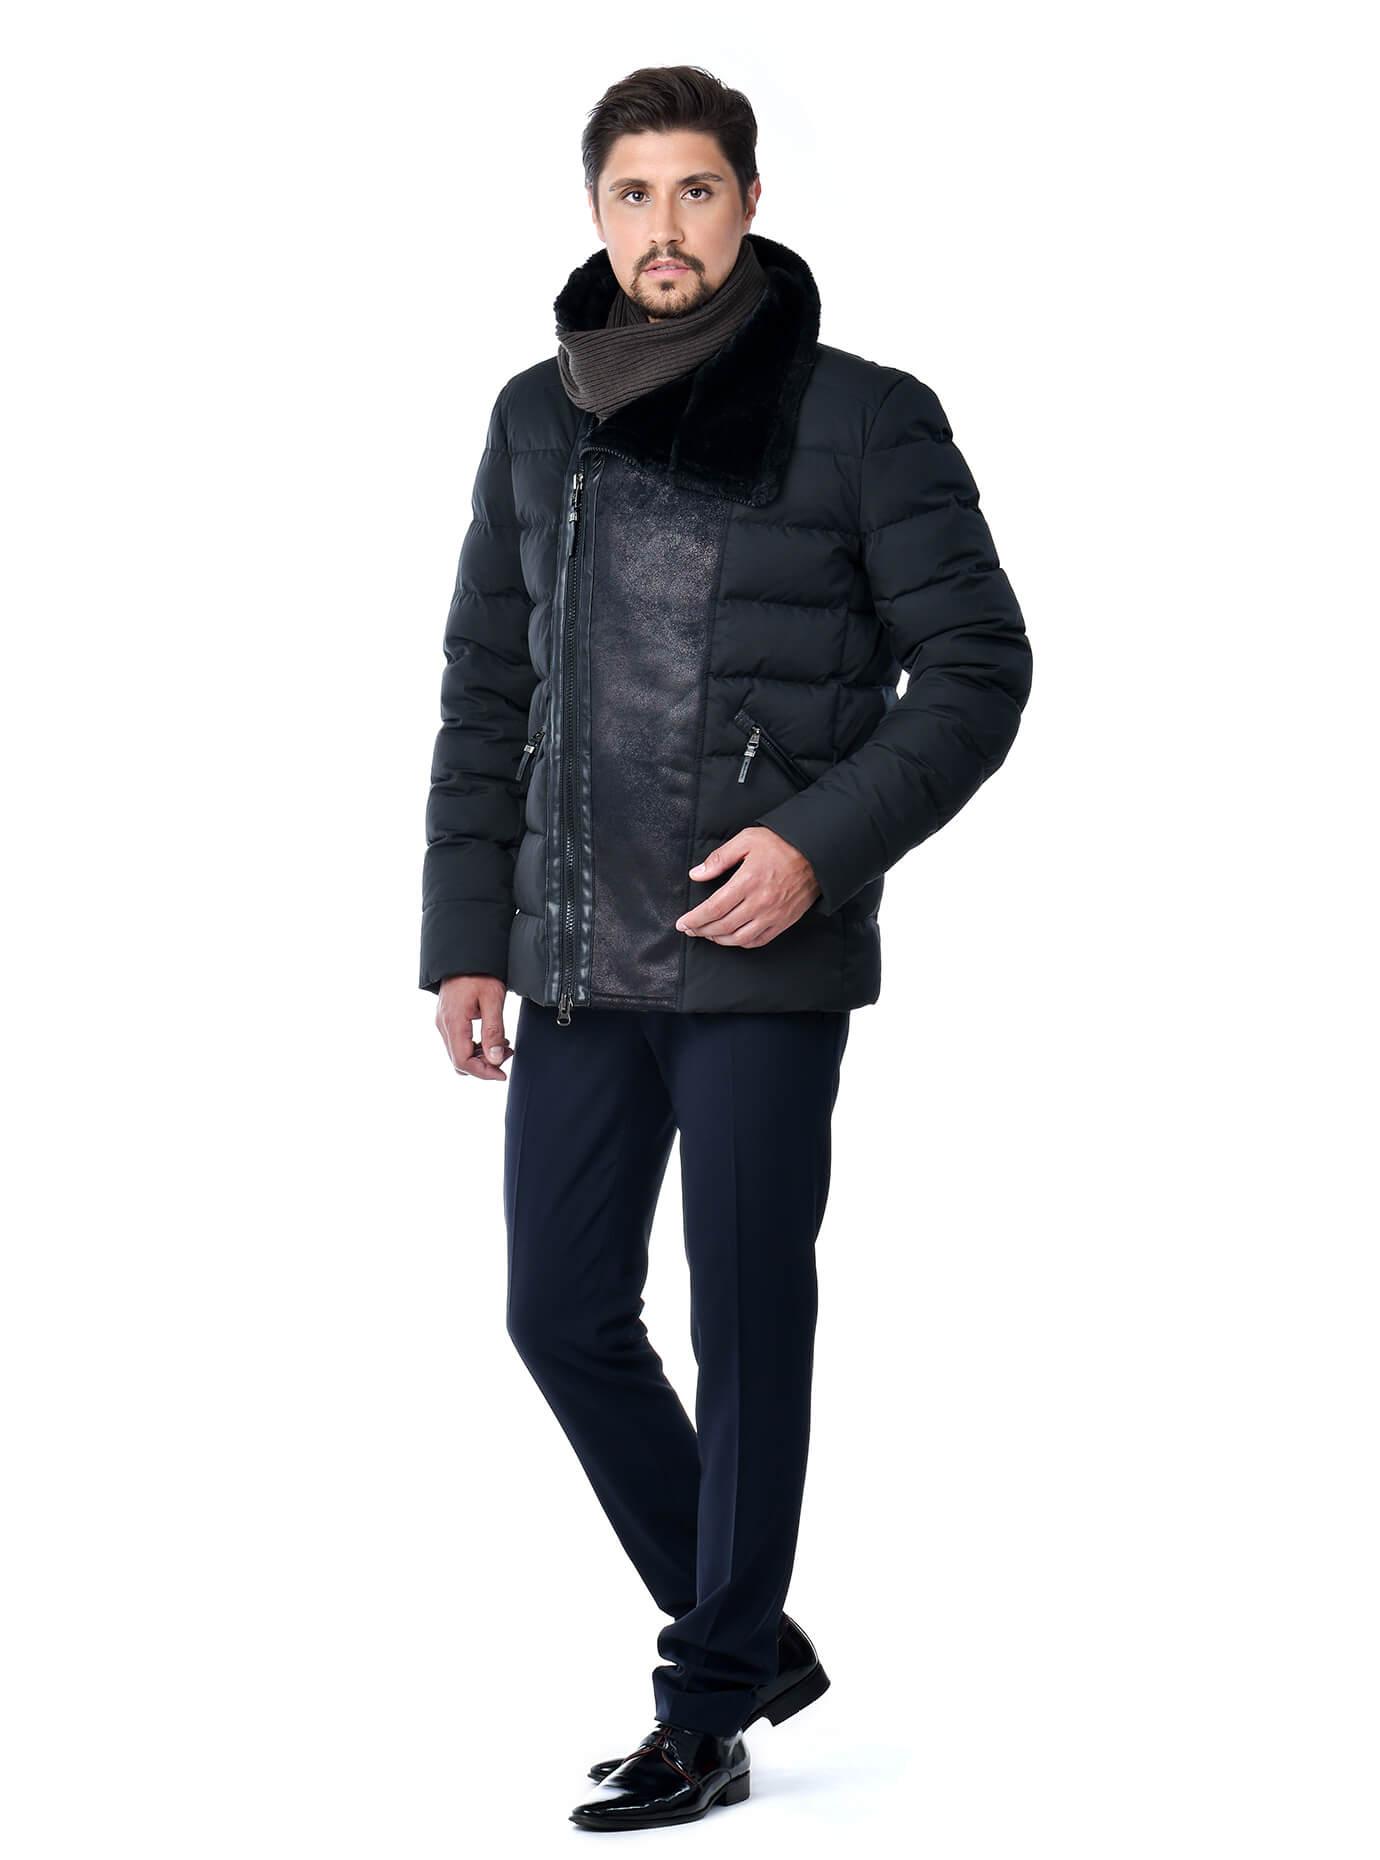 Зимняя мужская куртка Чёрный 46 (02-MC19196): фото - Alster.ua